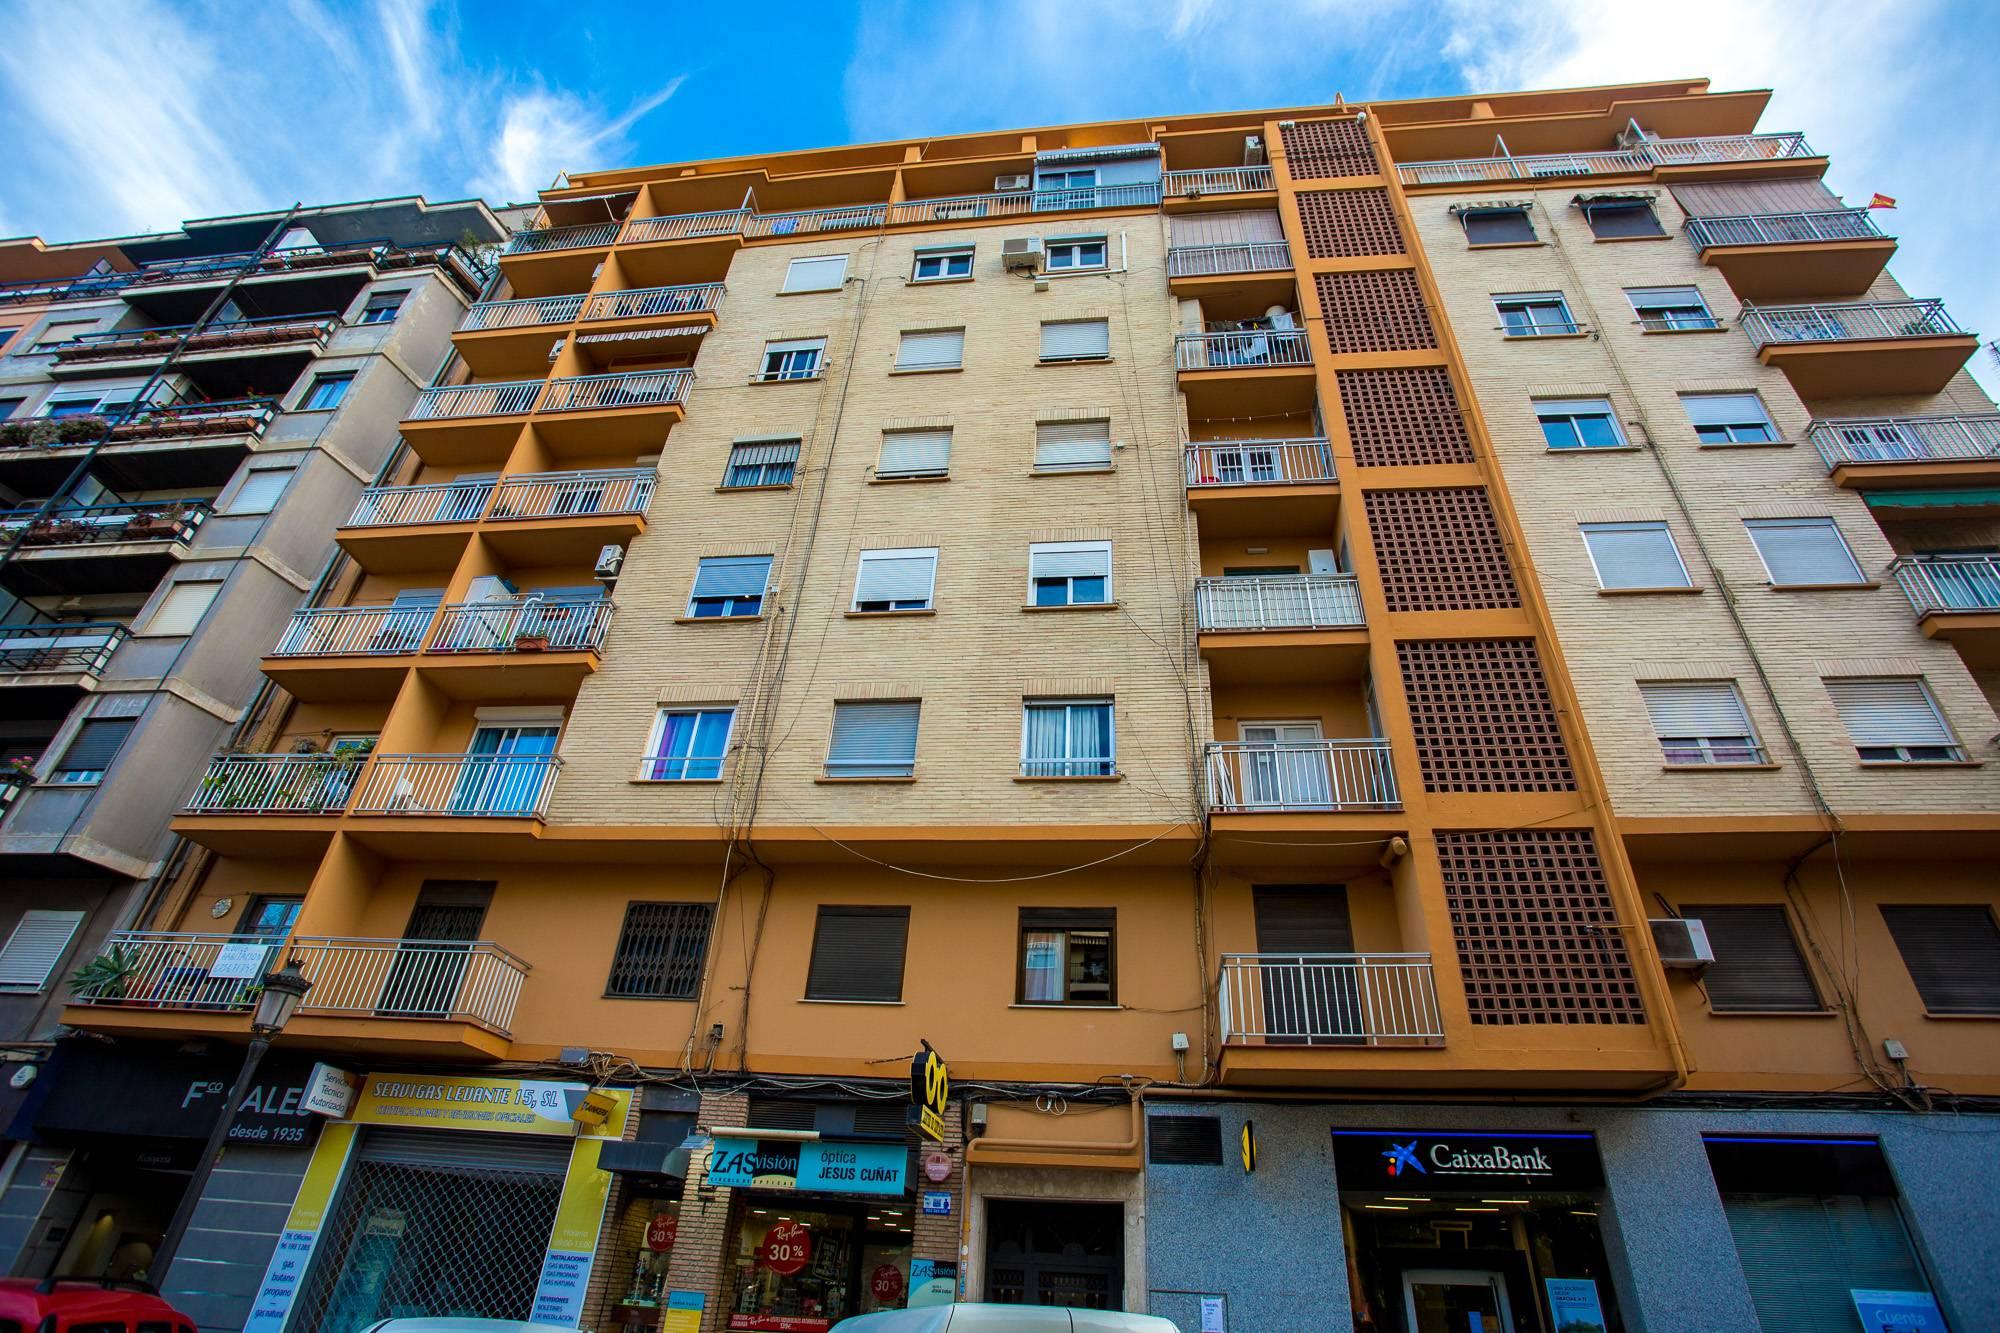 Переезд в испанию: жилье, работа, программы иммиграции